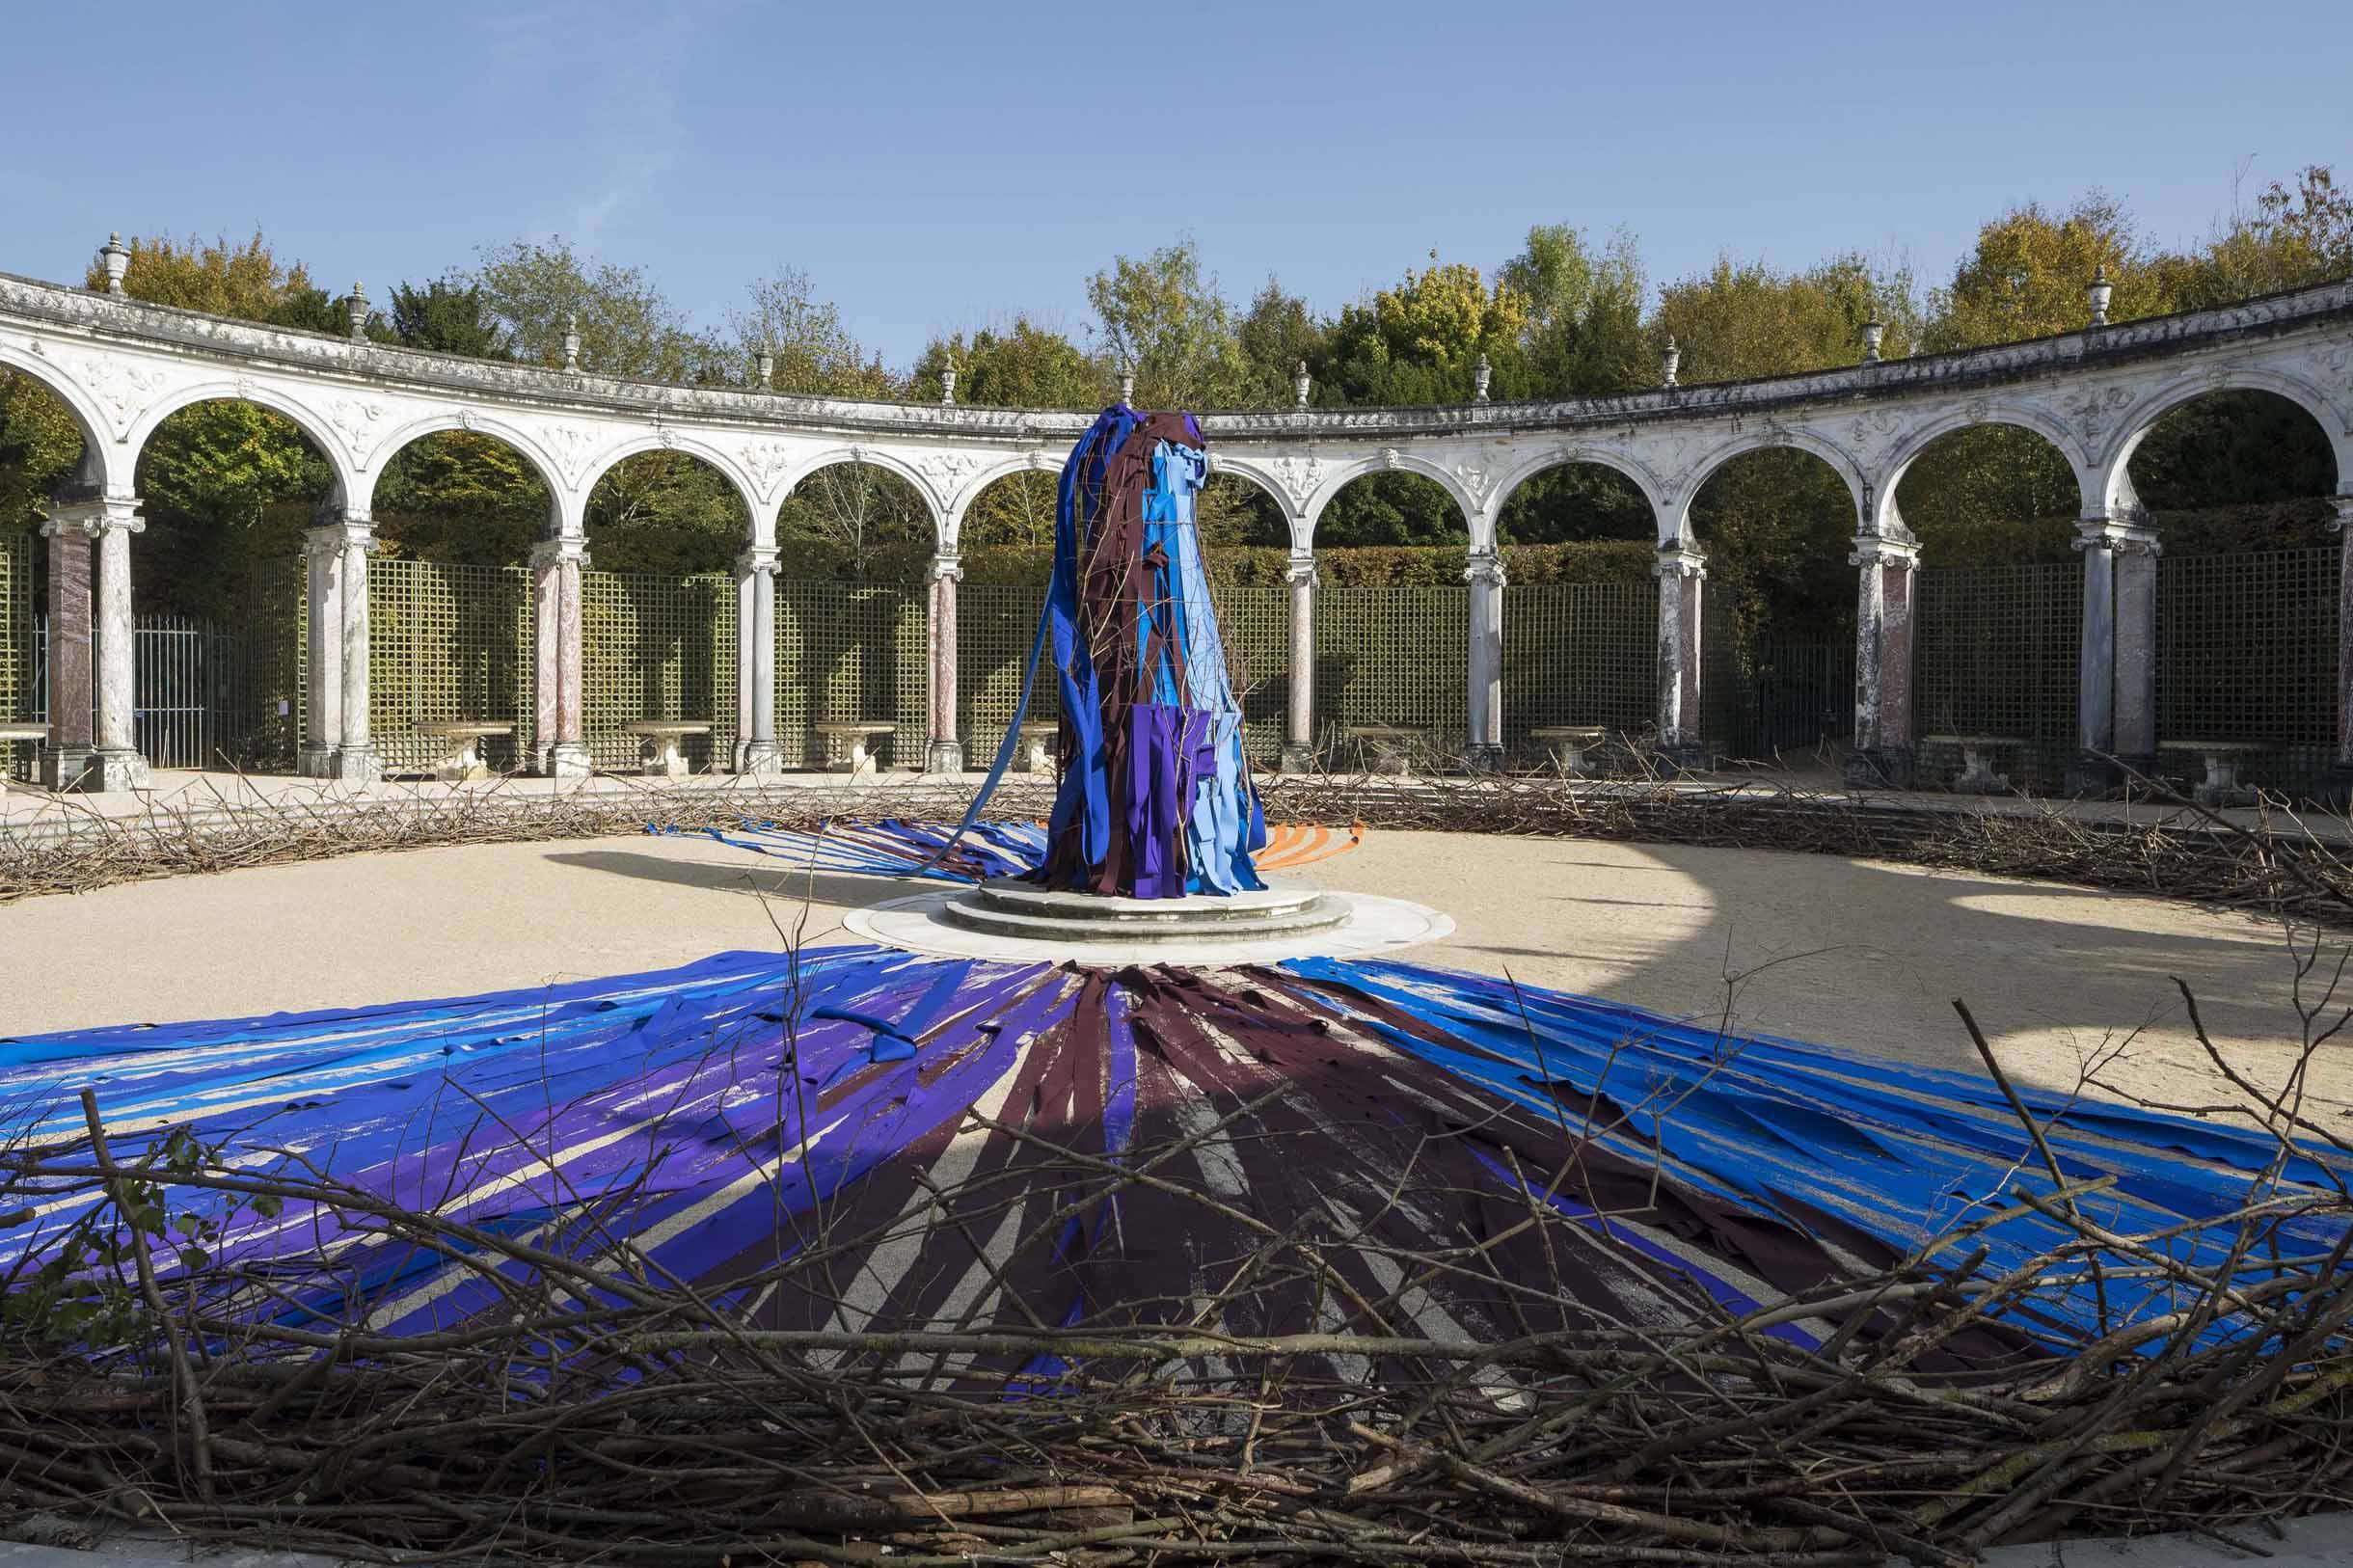 Resine Epoxy Sol Deco contemporary art at the château de versailles